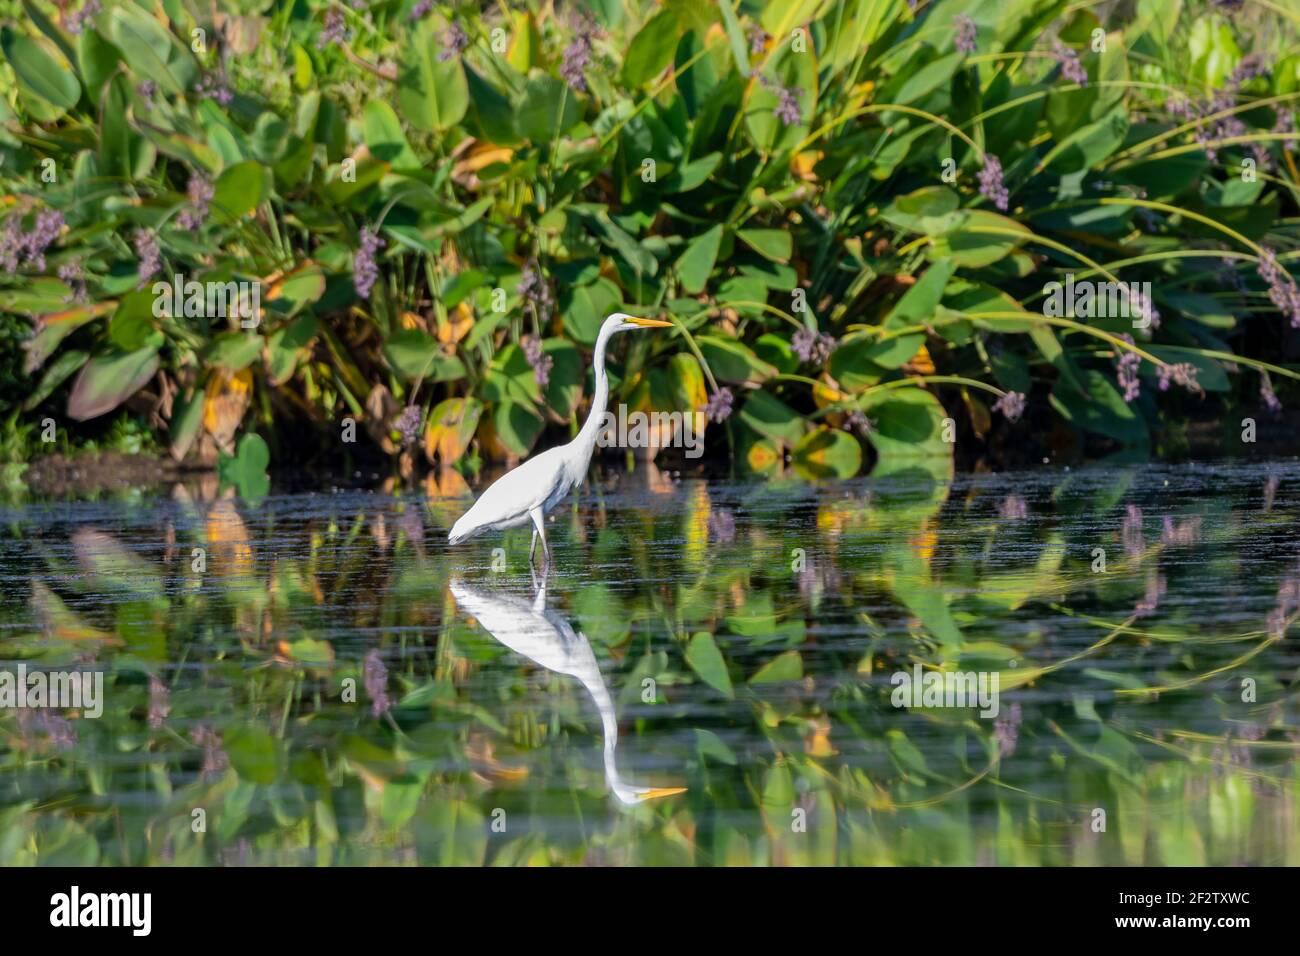 00688-03105 große Reiher (Ardea alba) Angeln in der Nähe von Wasser Canna (Canna glauca) im Feuchtgebiet Marion Co.IL Stockfoto